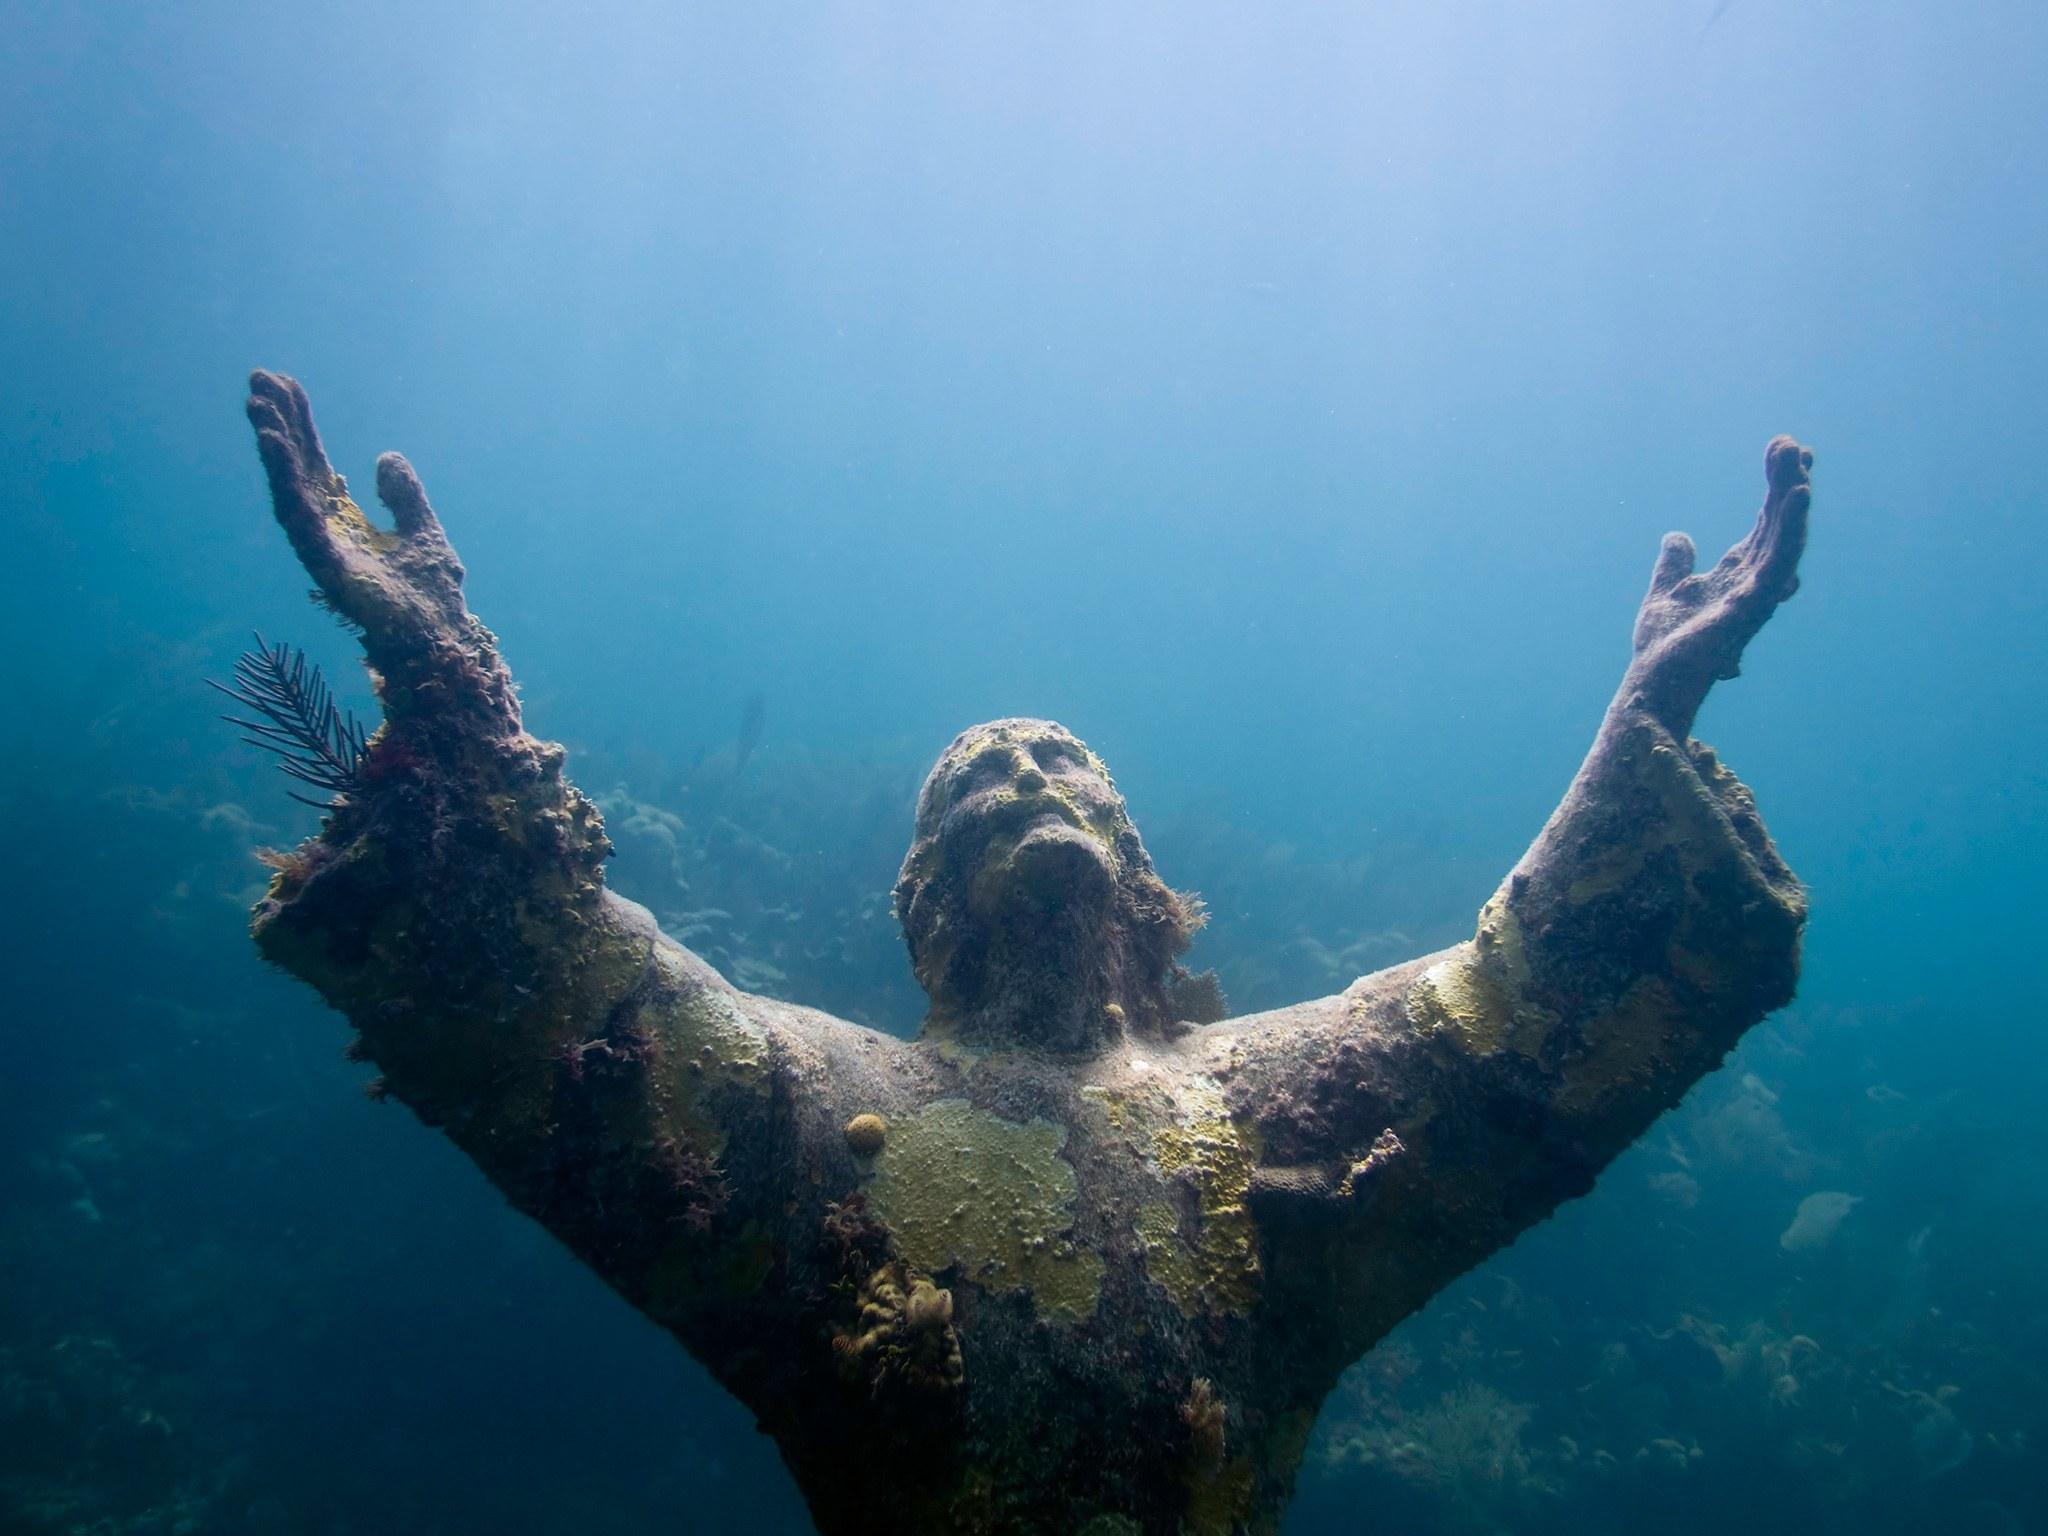 7. Христос из бездны, Ки Ларго, Флорида, США. Вторая версия знаменитой статуи, установленная в район